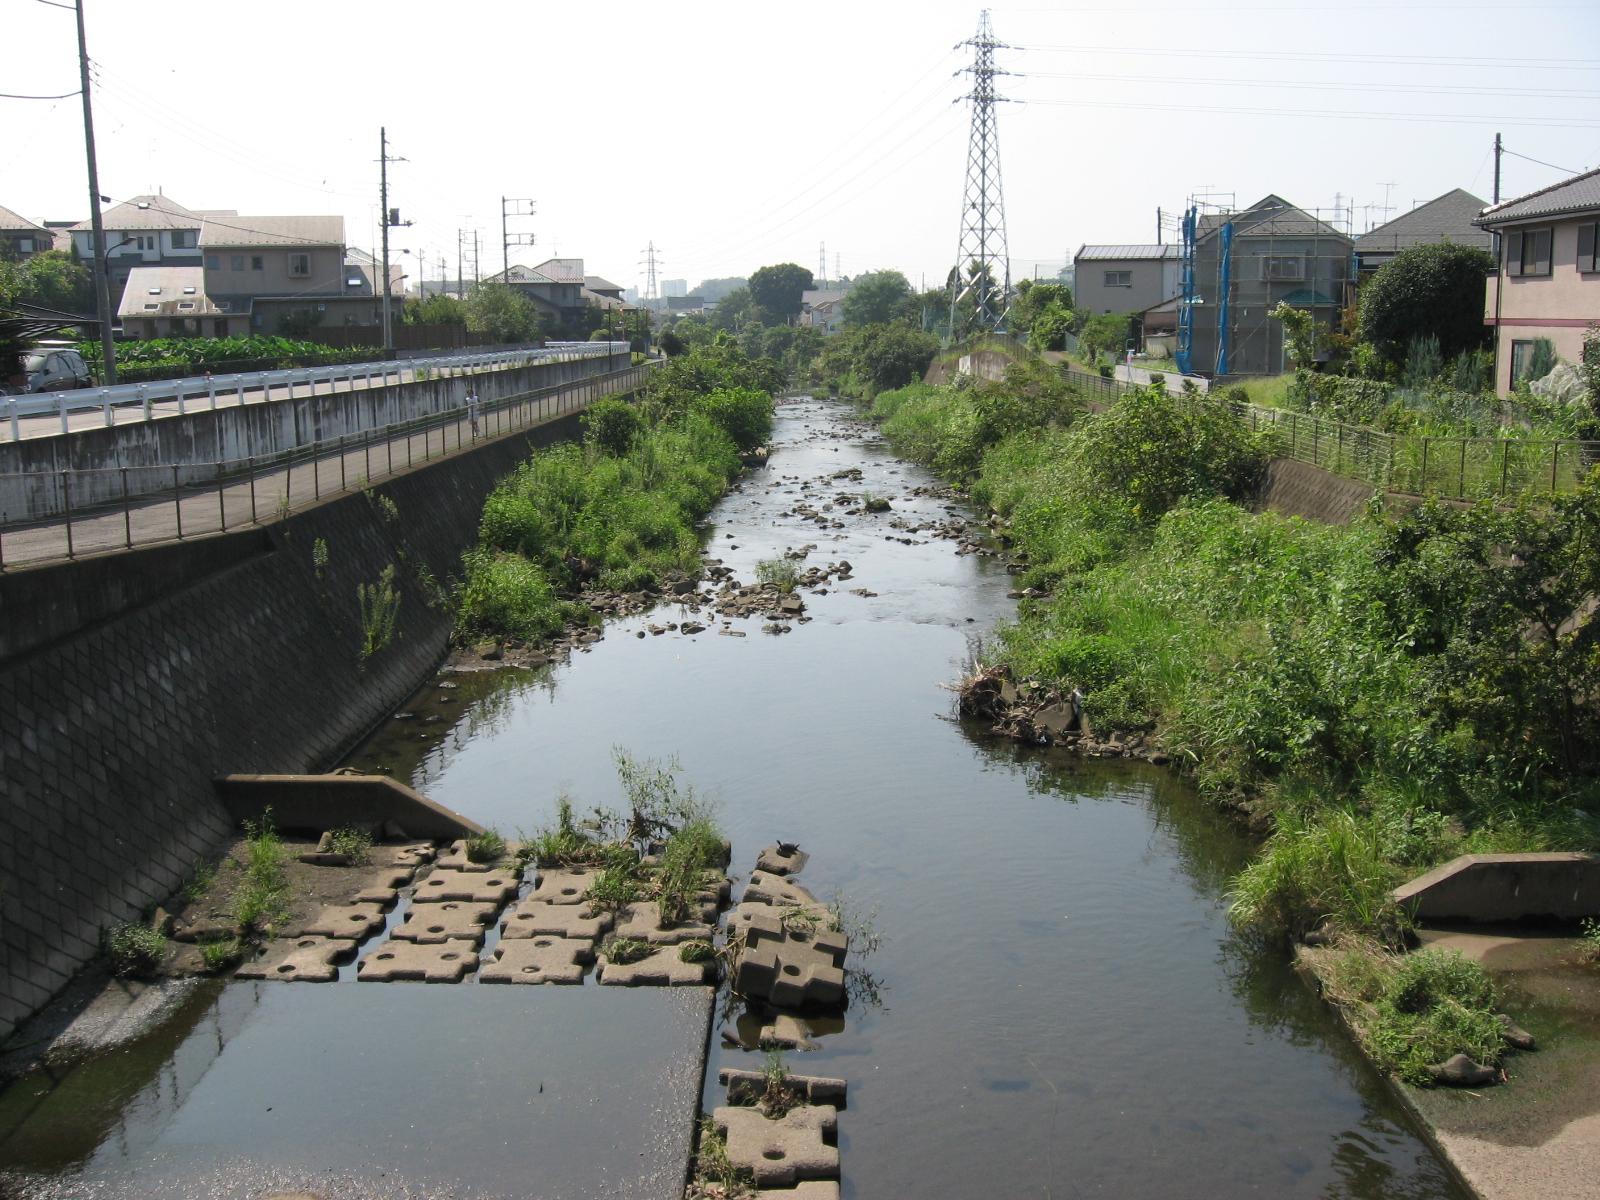 https://upload.wikimedia.org/wikipedia/commons/1/1e/Sakaigawa.JPEG